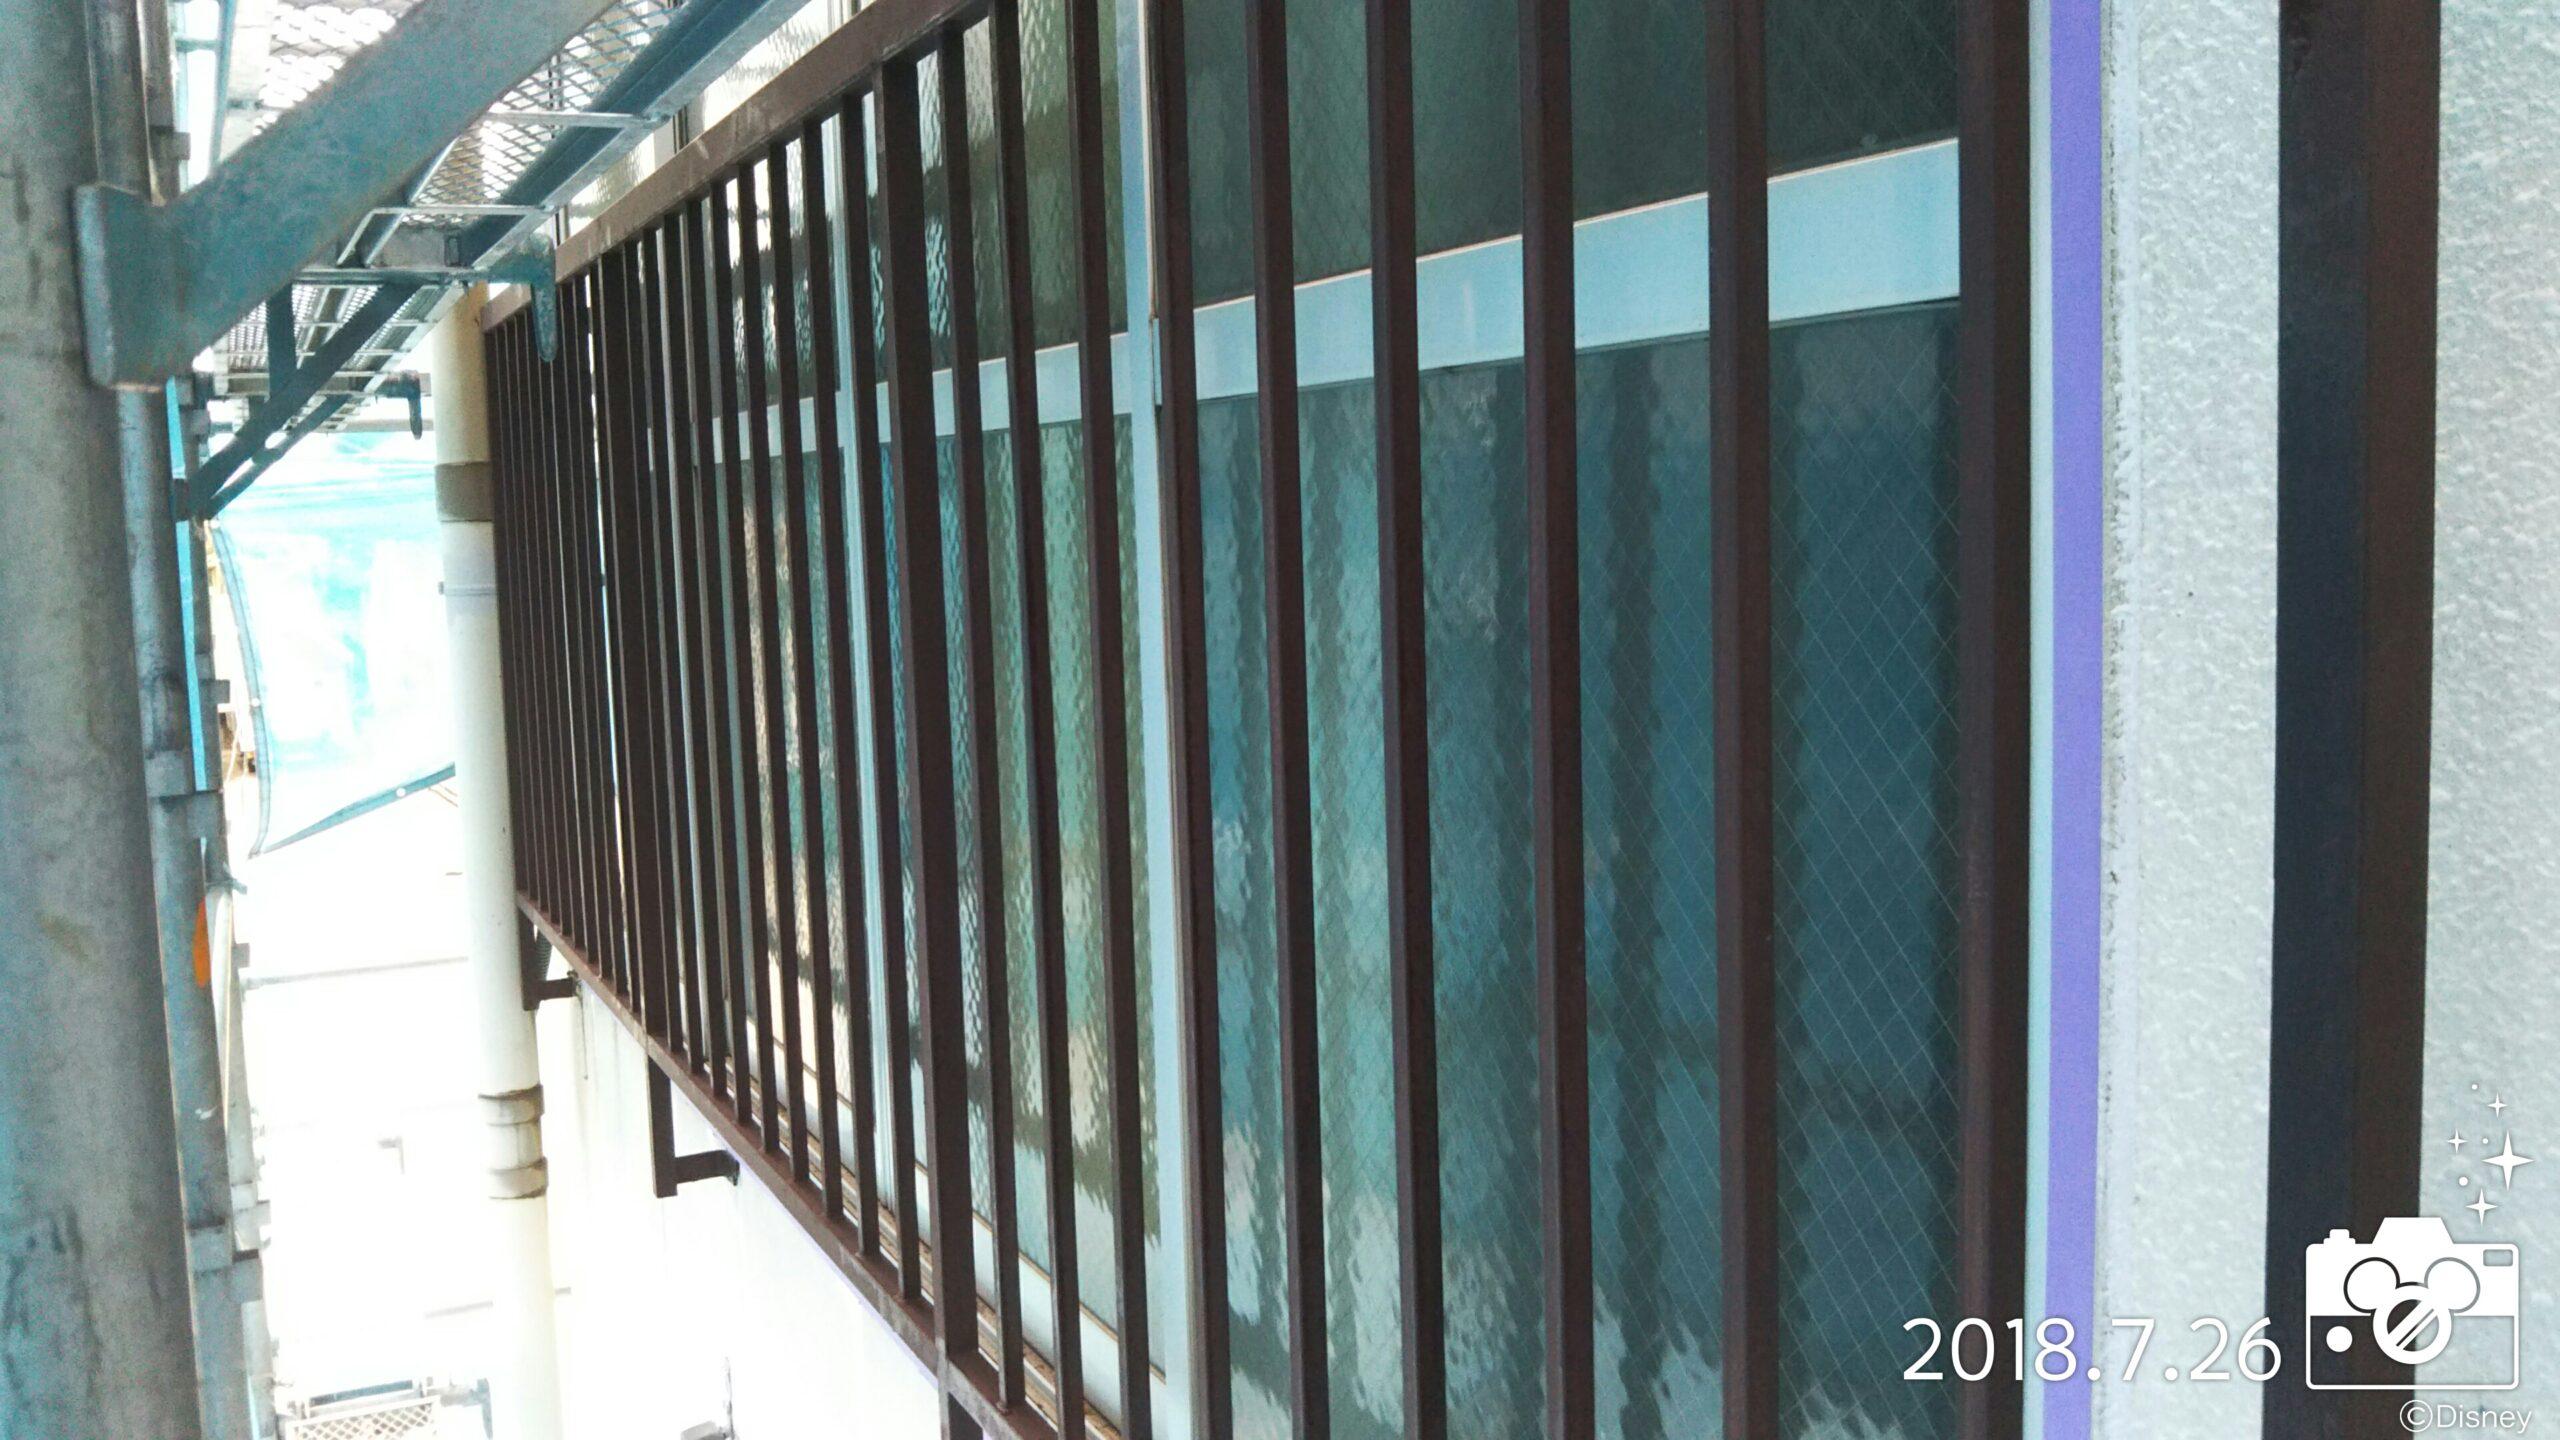 埼玉県さいたま市 外壁の塗装及び鉄部塗装 埼玉県さいたま市見沼区の某工場にて塗り替えリフォーム中